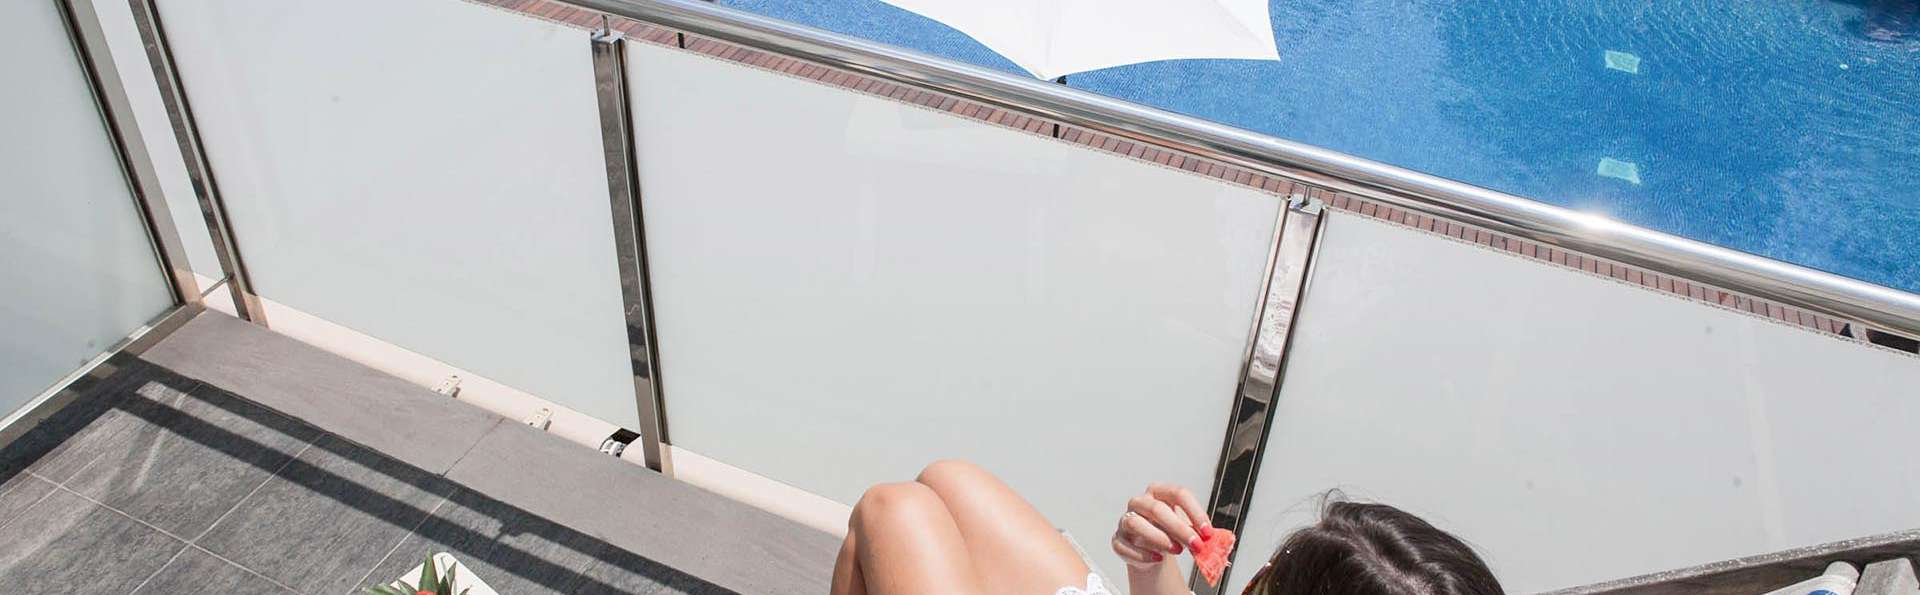 Disfruta en pareja de una escapada romántica: habitación vista piscina, cava y bombones